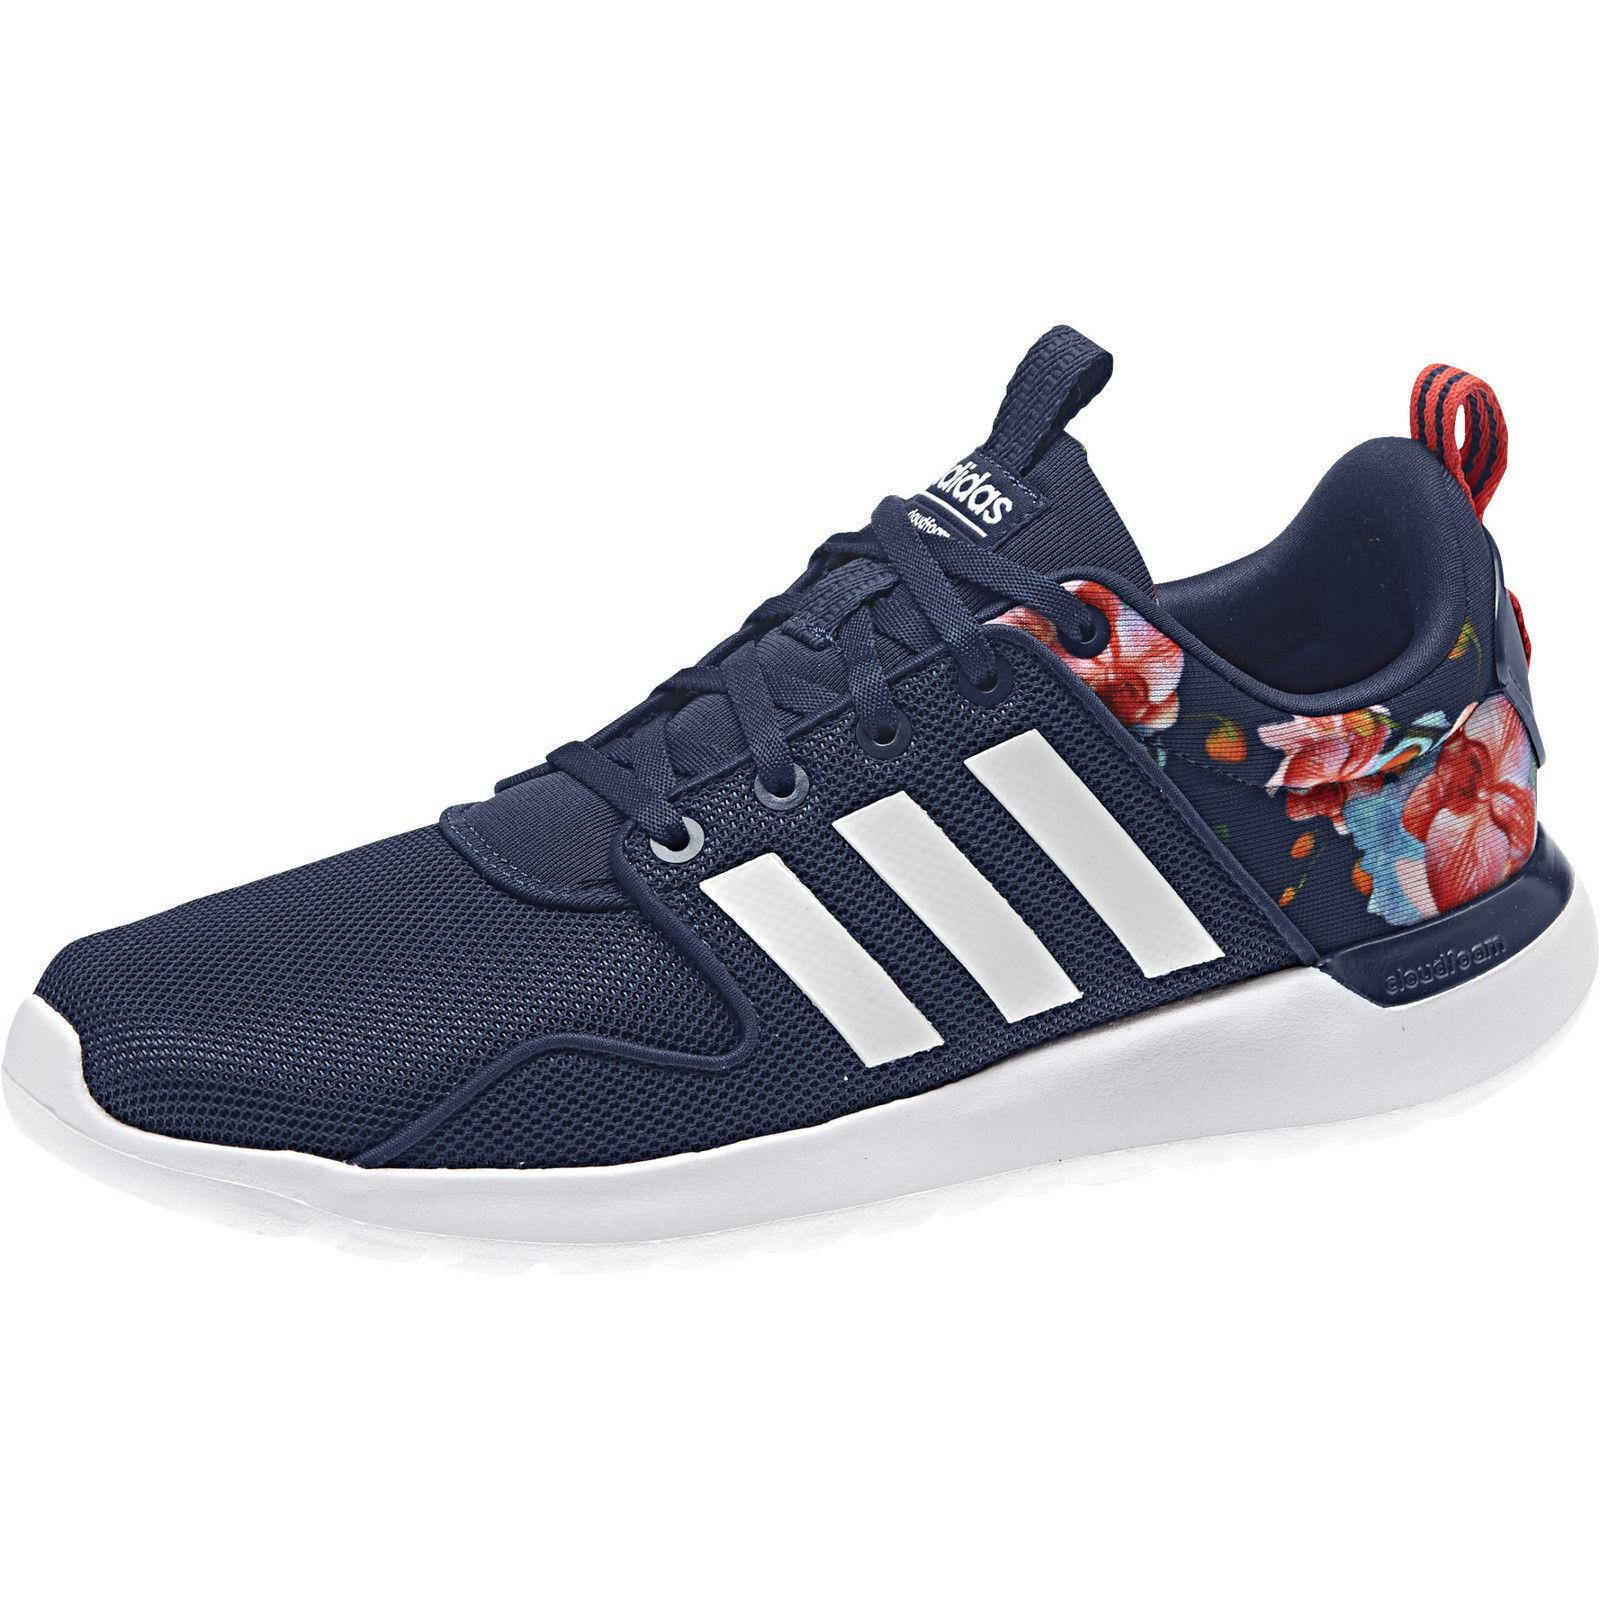 ADIDAS cloudfoam LITE RACER W Blue/White aw4037 NEO Sneaker Scarpe Sportive Scarpe classiche da uomo